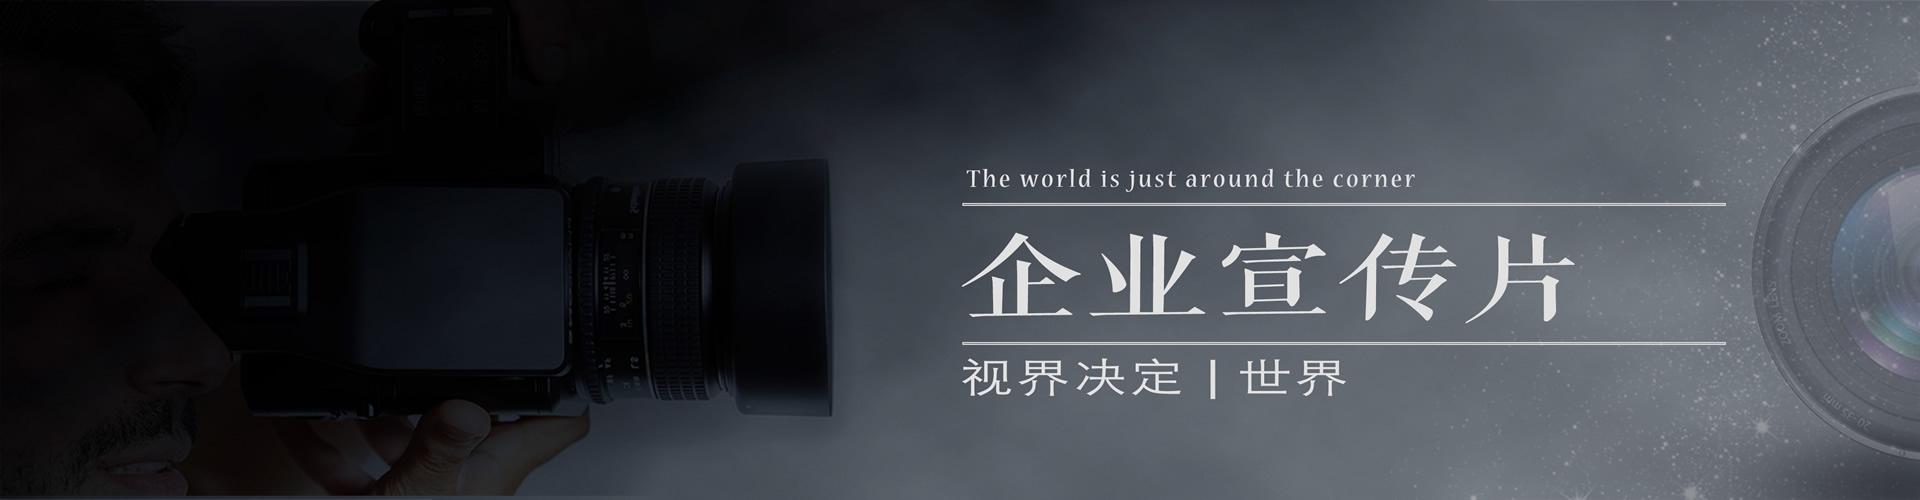 企業宣(xuan)傳片